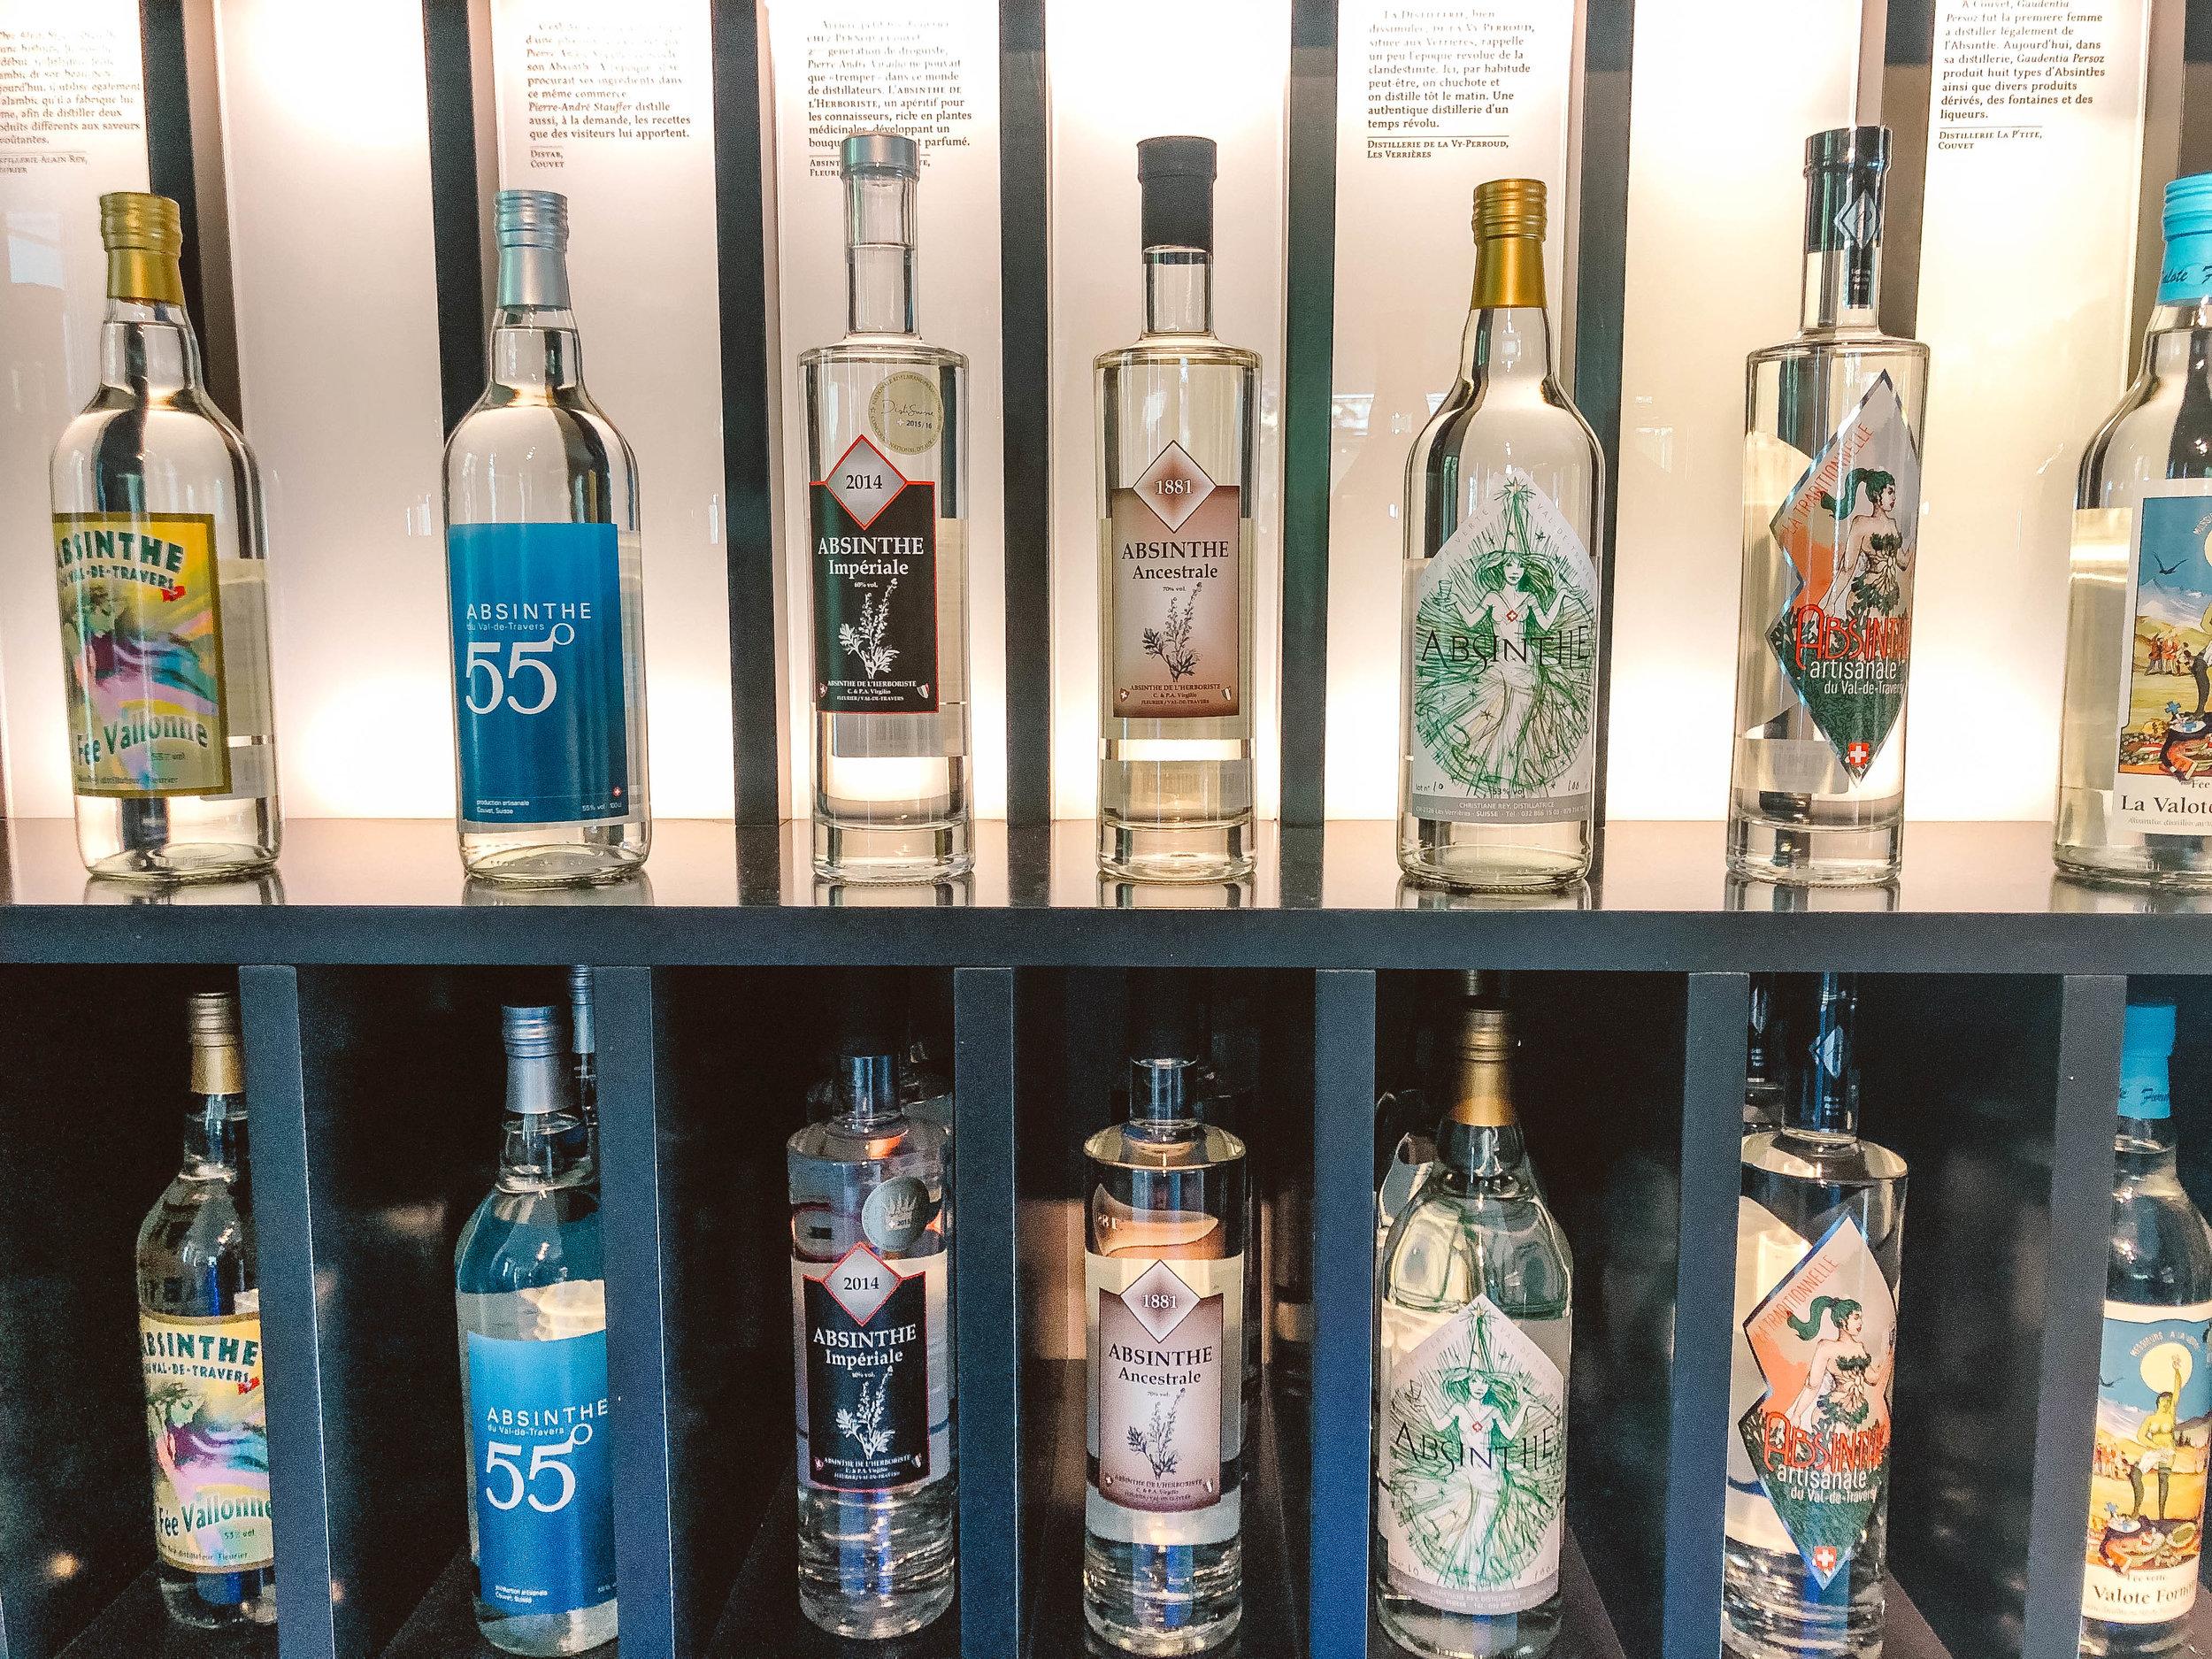 Bottles of absinthe at Maison de l'Absinthe.jpg